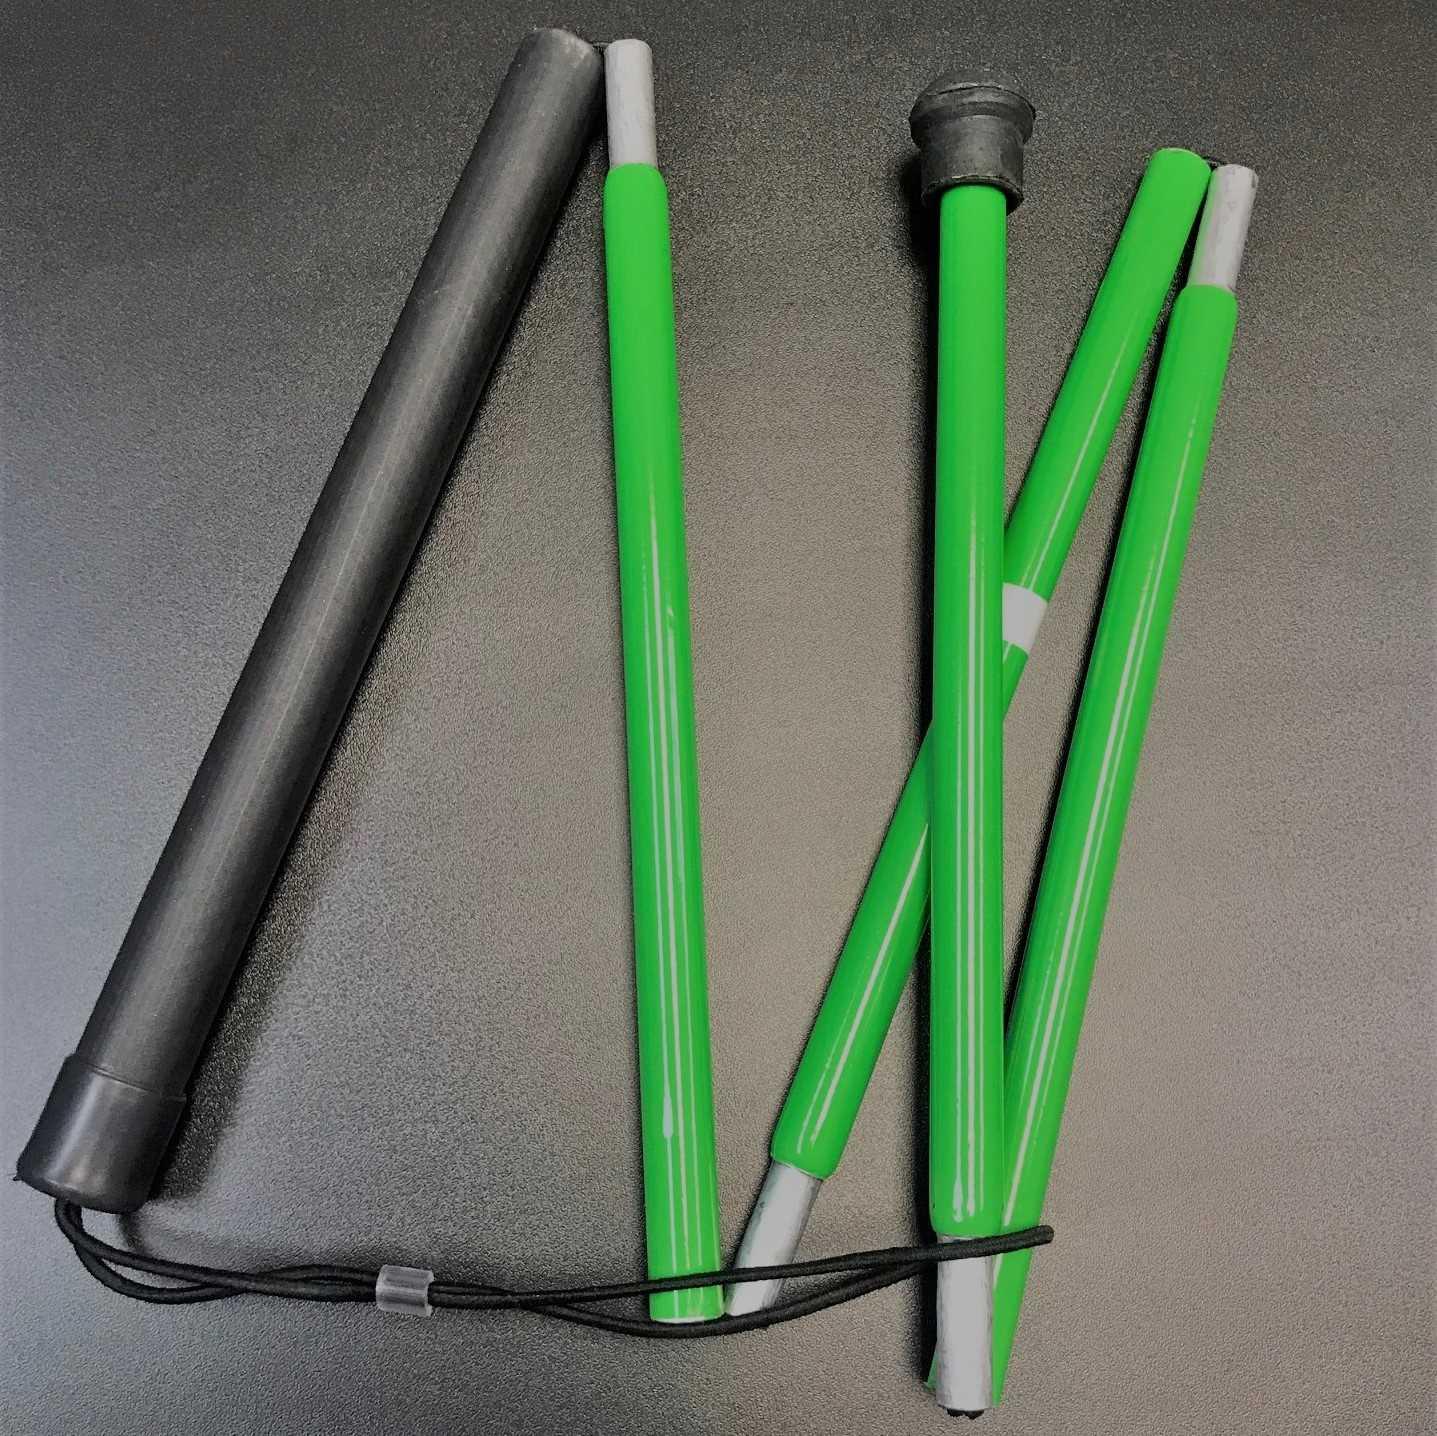 Bengala Verde para Baixa Visão Dobrável em 5 partes - 1,30m